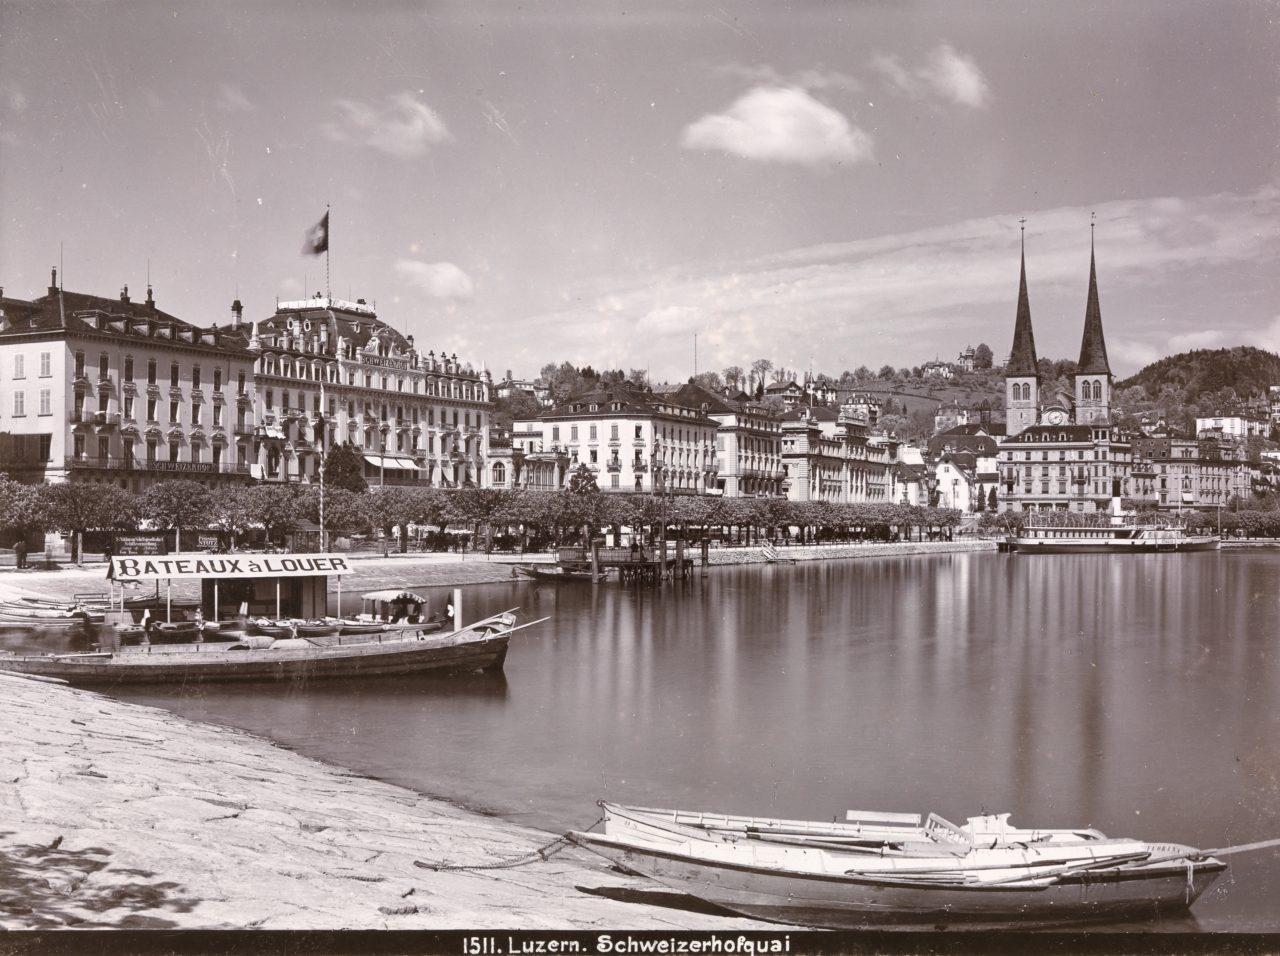 Luzern, Schweizerhofquai, zwischen 1897 und 1900. ETH-Bibliothek Zürich / Bildarchiv / FotografIn unbekannt / Ans_05614, Public Domain Mark.